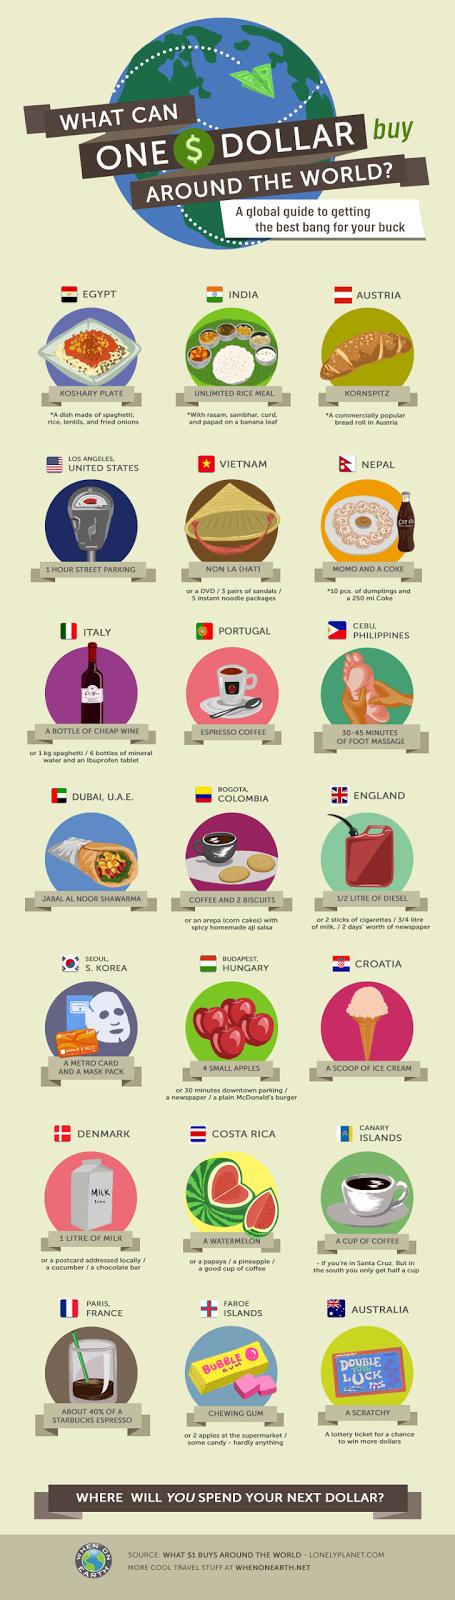 O que se pode comprar com 1 dólar ao redor do mundo